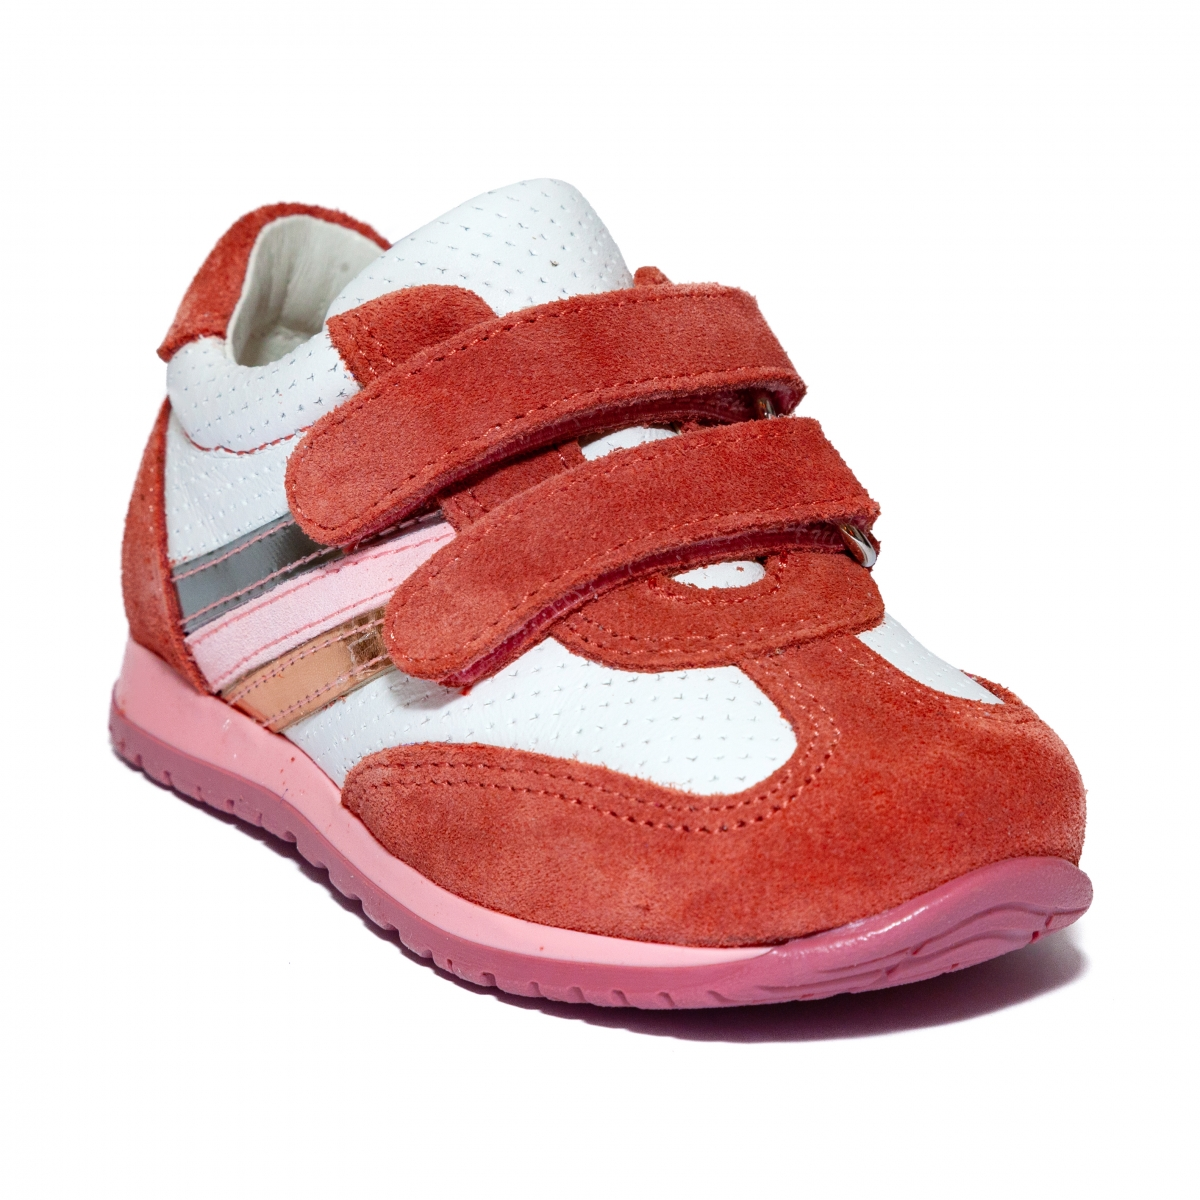 Pantofi copii sport avus 797 denim 19-27